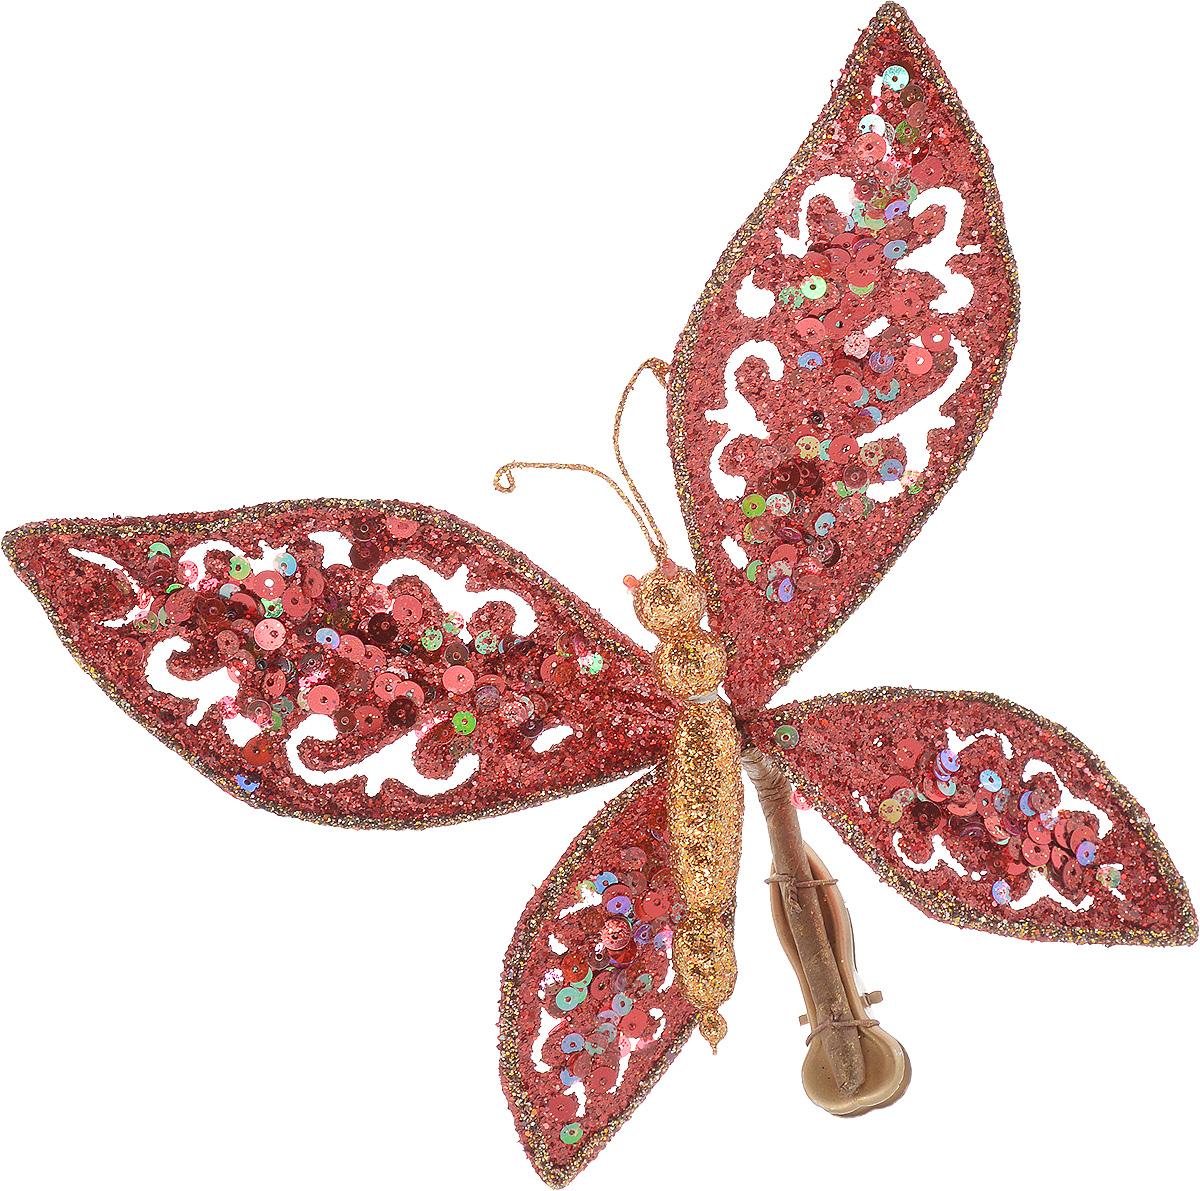 Украшение новогоднее Lovemark Бабочка ажурная, на клипсе, цвет: красный, бронзовый, длина 19 см97775318Новогоднее подвесное украшение Lovemark Бабочка ажурная прекрасно подойдет для праздничного декора новогодней ели и украшения интерьера. Изделие в виде бабочки декорировано пайетками и дополнено сверкающими блестками. Для размещения предусмотрена клипса. Елочная игрушка - символ Нового года. Она несет в себе волшебство и красоту праздника. Создайте в своем доме атмосферу веселья и радости, украшая новогоднюю елку нарядными игрушками, которые будут из года в год накапливать теплоту воспоминаний. Откройте для себя удивительный мир сказок и грез. Почувствуйте волшебные минуты ожидания праздника, создайте новогоднее настроение вашим дорогим и близким.